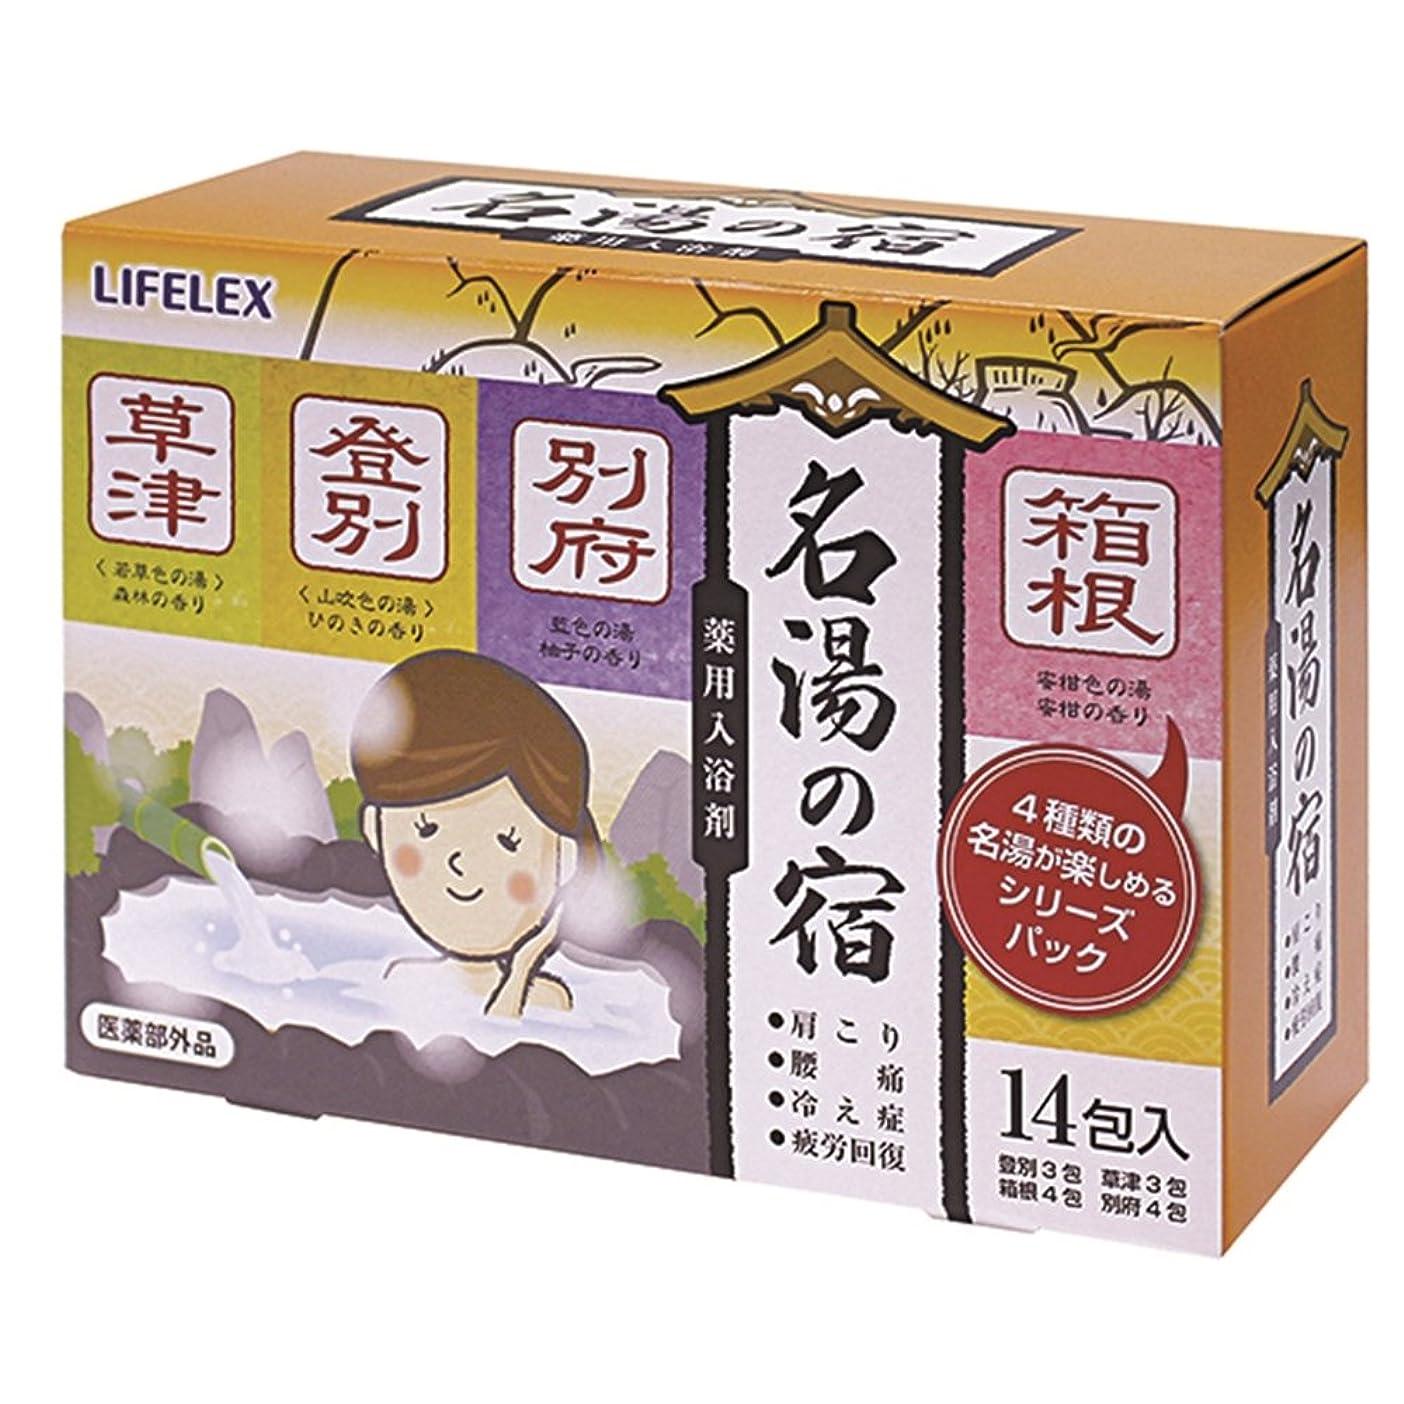 複雑な配分再編成するコーナン オリジナル LIFELEX 名湯の宿 薬用入浴剤 14包入